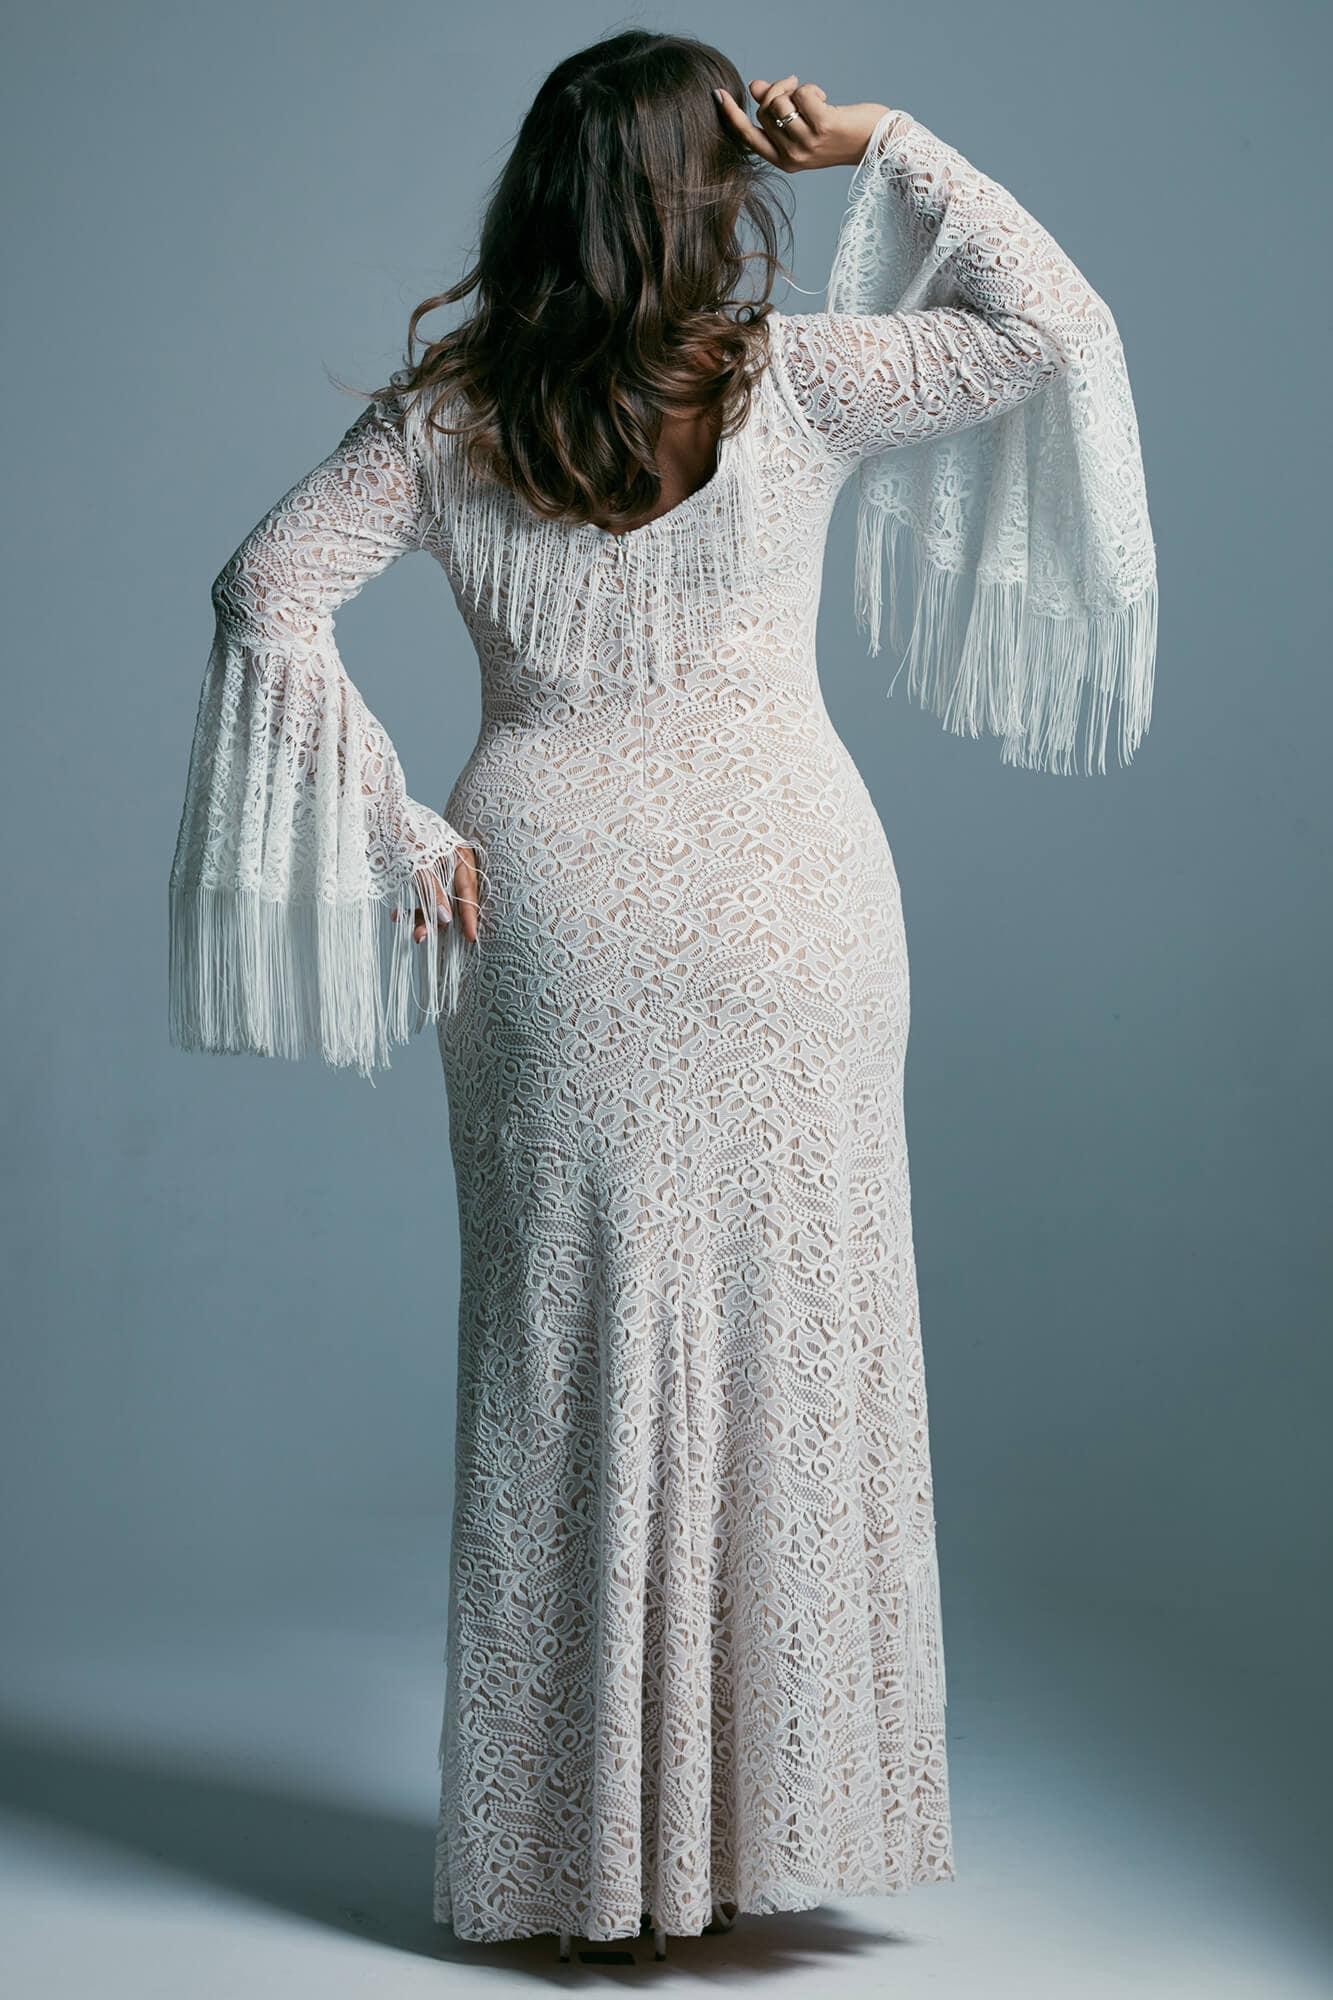 Podkreślająca sylwetkę suknia ślubna plus size w kształcie rybki Porto 46 plus size